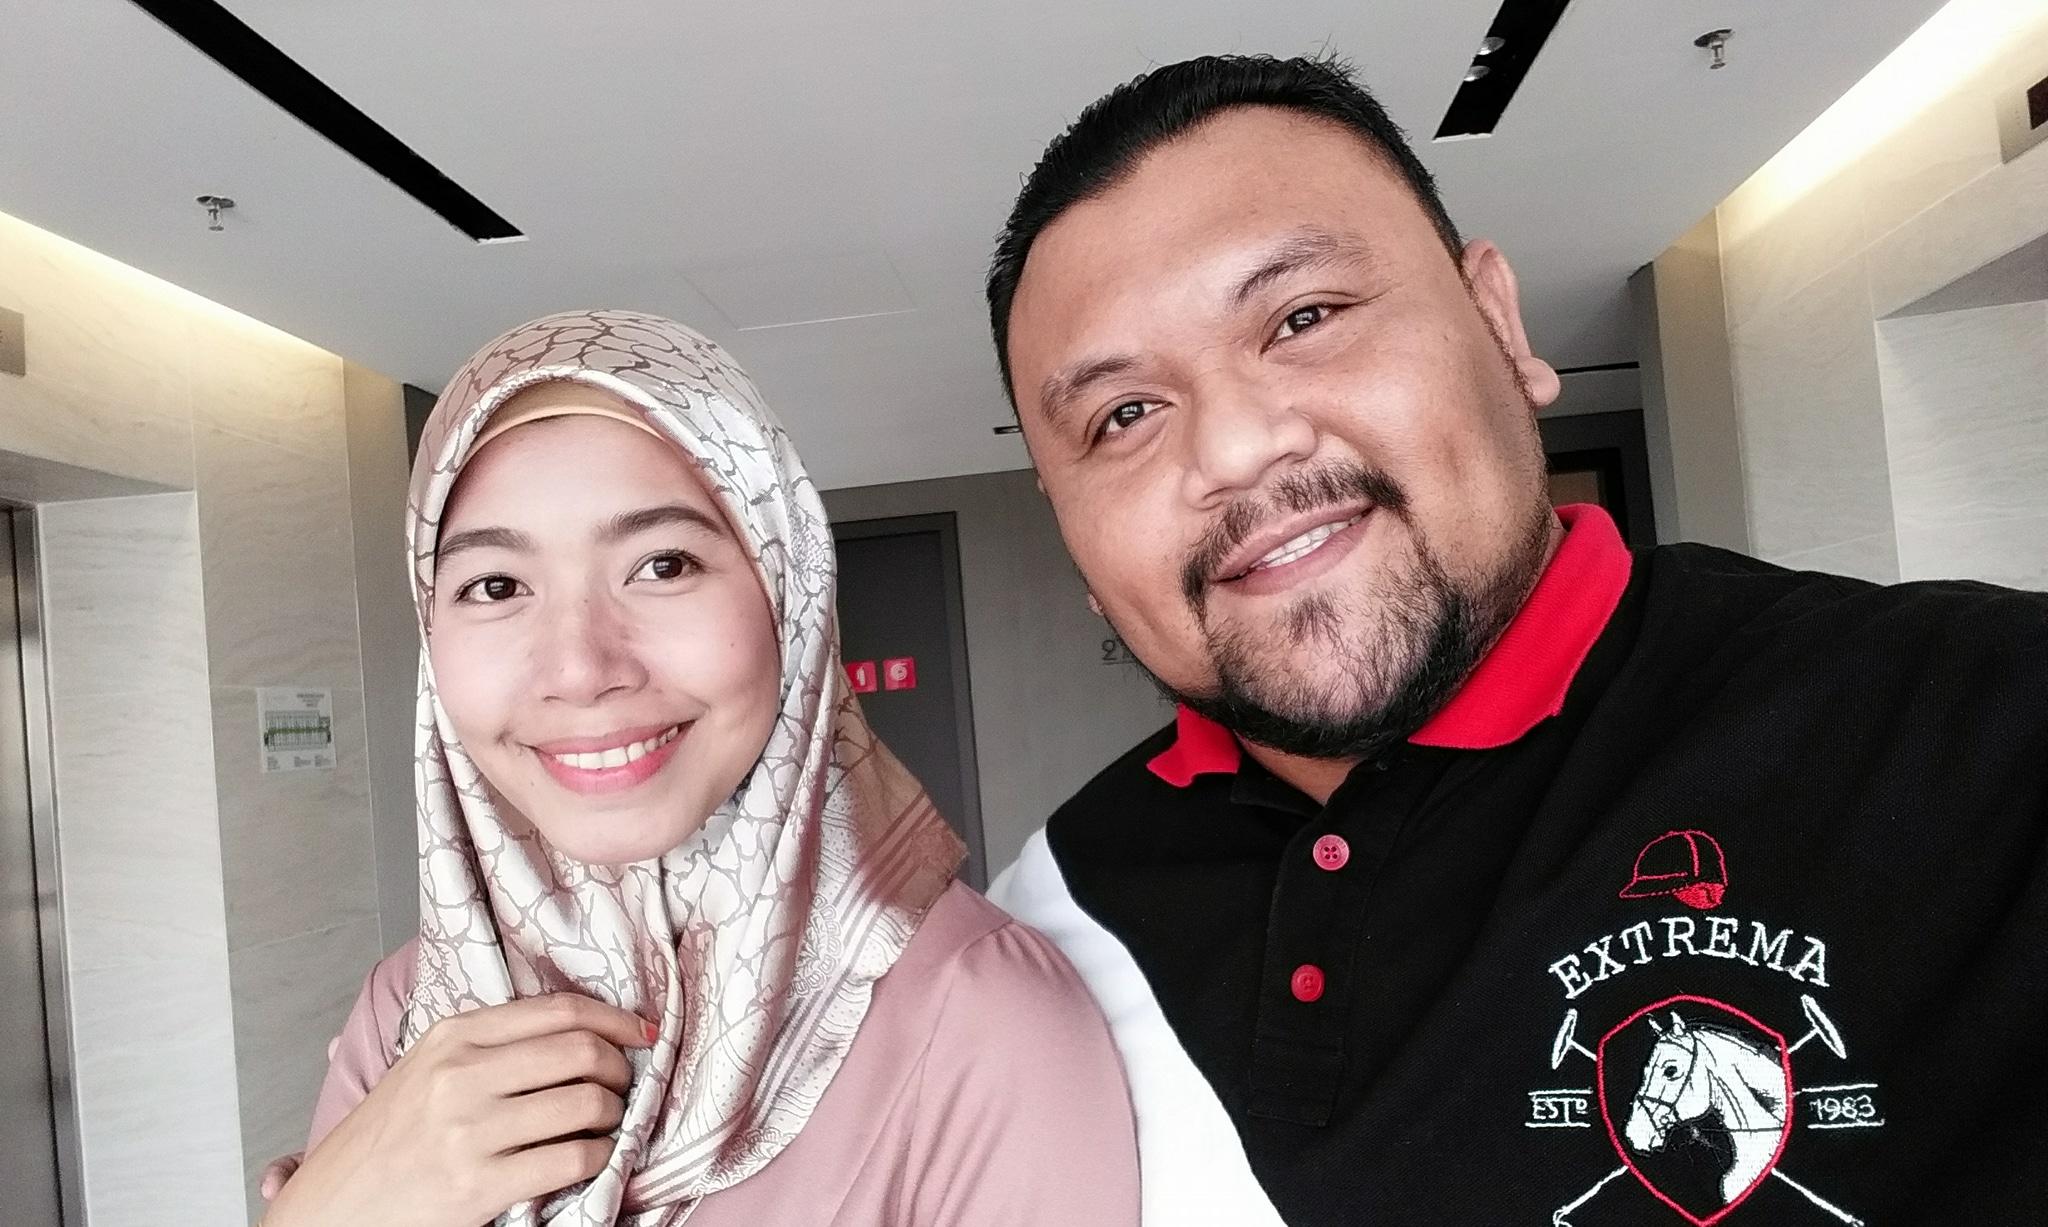 الزوج الماليزي وزوجته قبل هجرتها